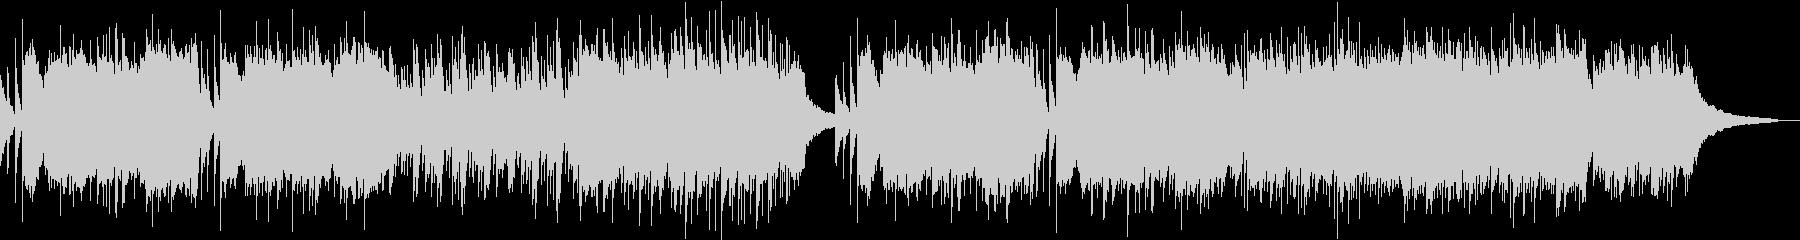 上品な大人セクシーなタンゴピアノソロの未再生の波形